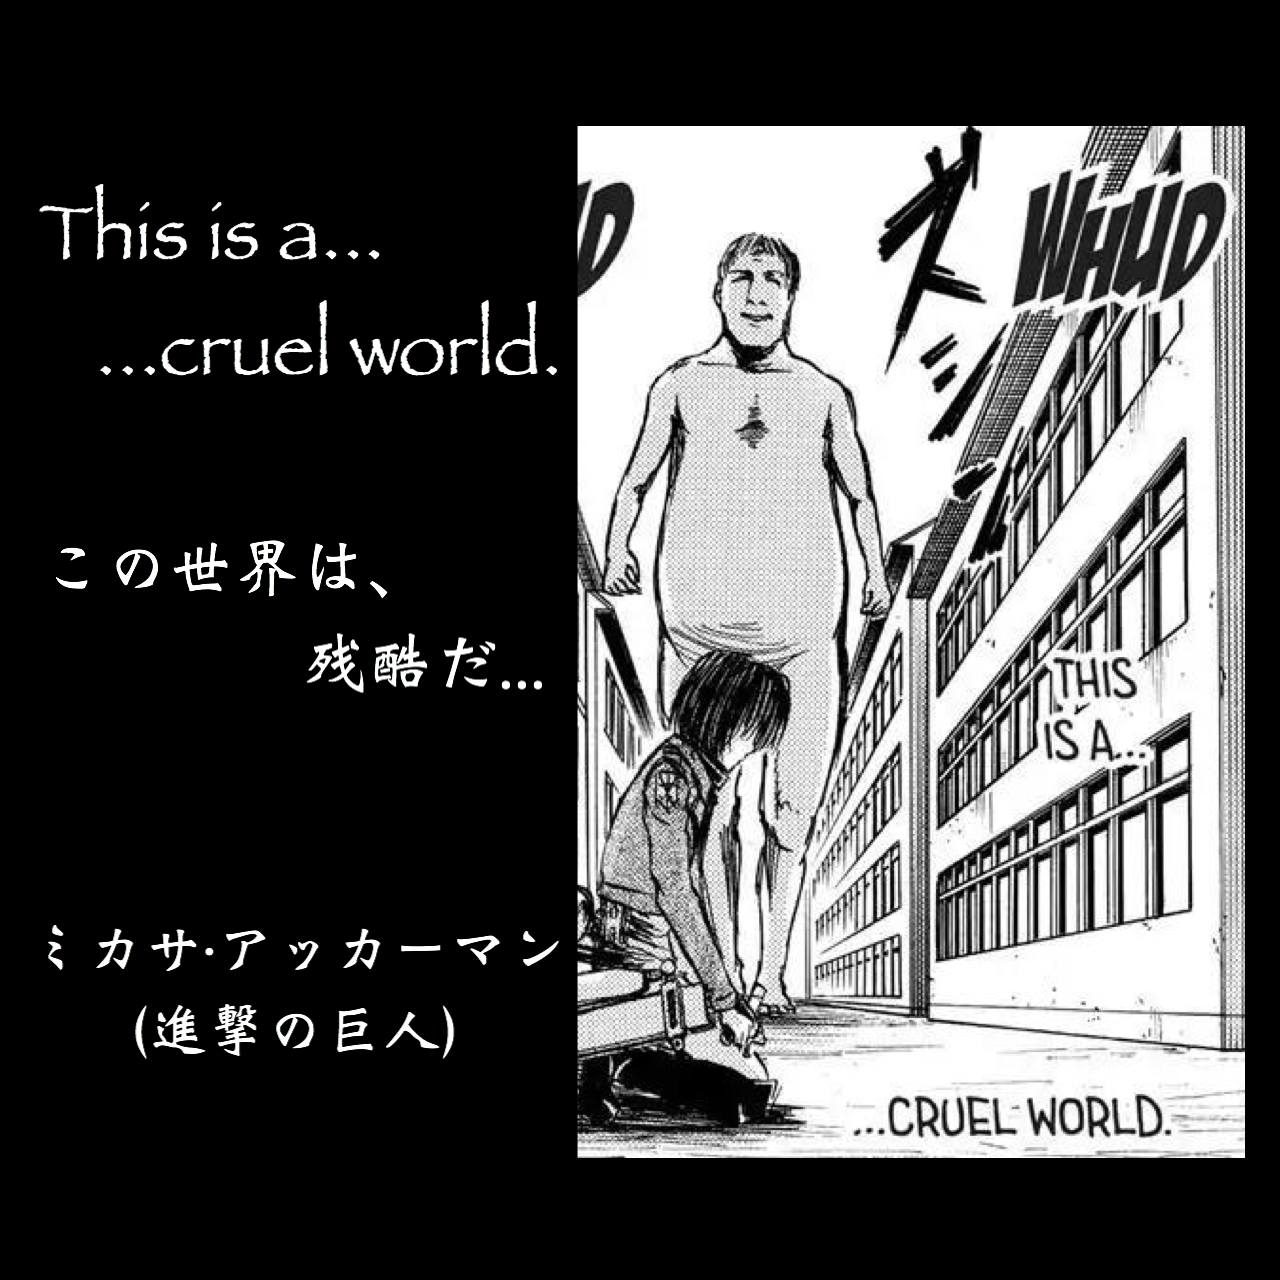 この世界は、残酷だ / ミカサ・アッカーマン(進撃の巨人)